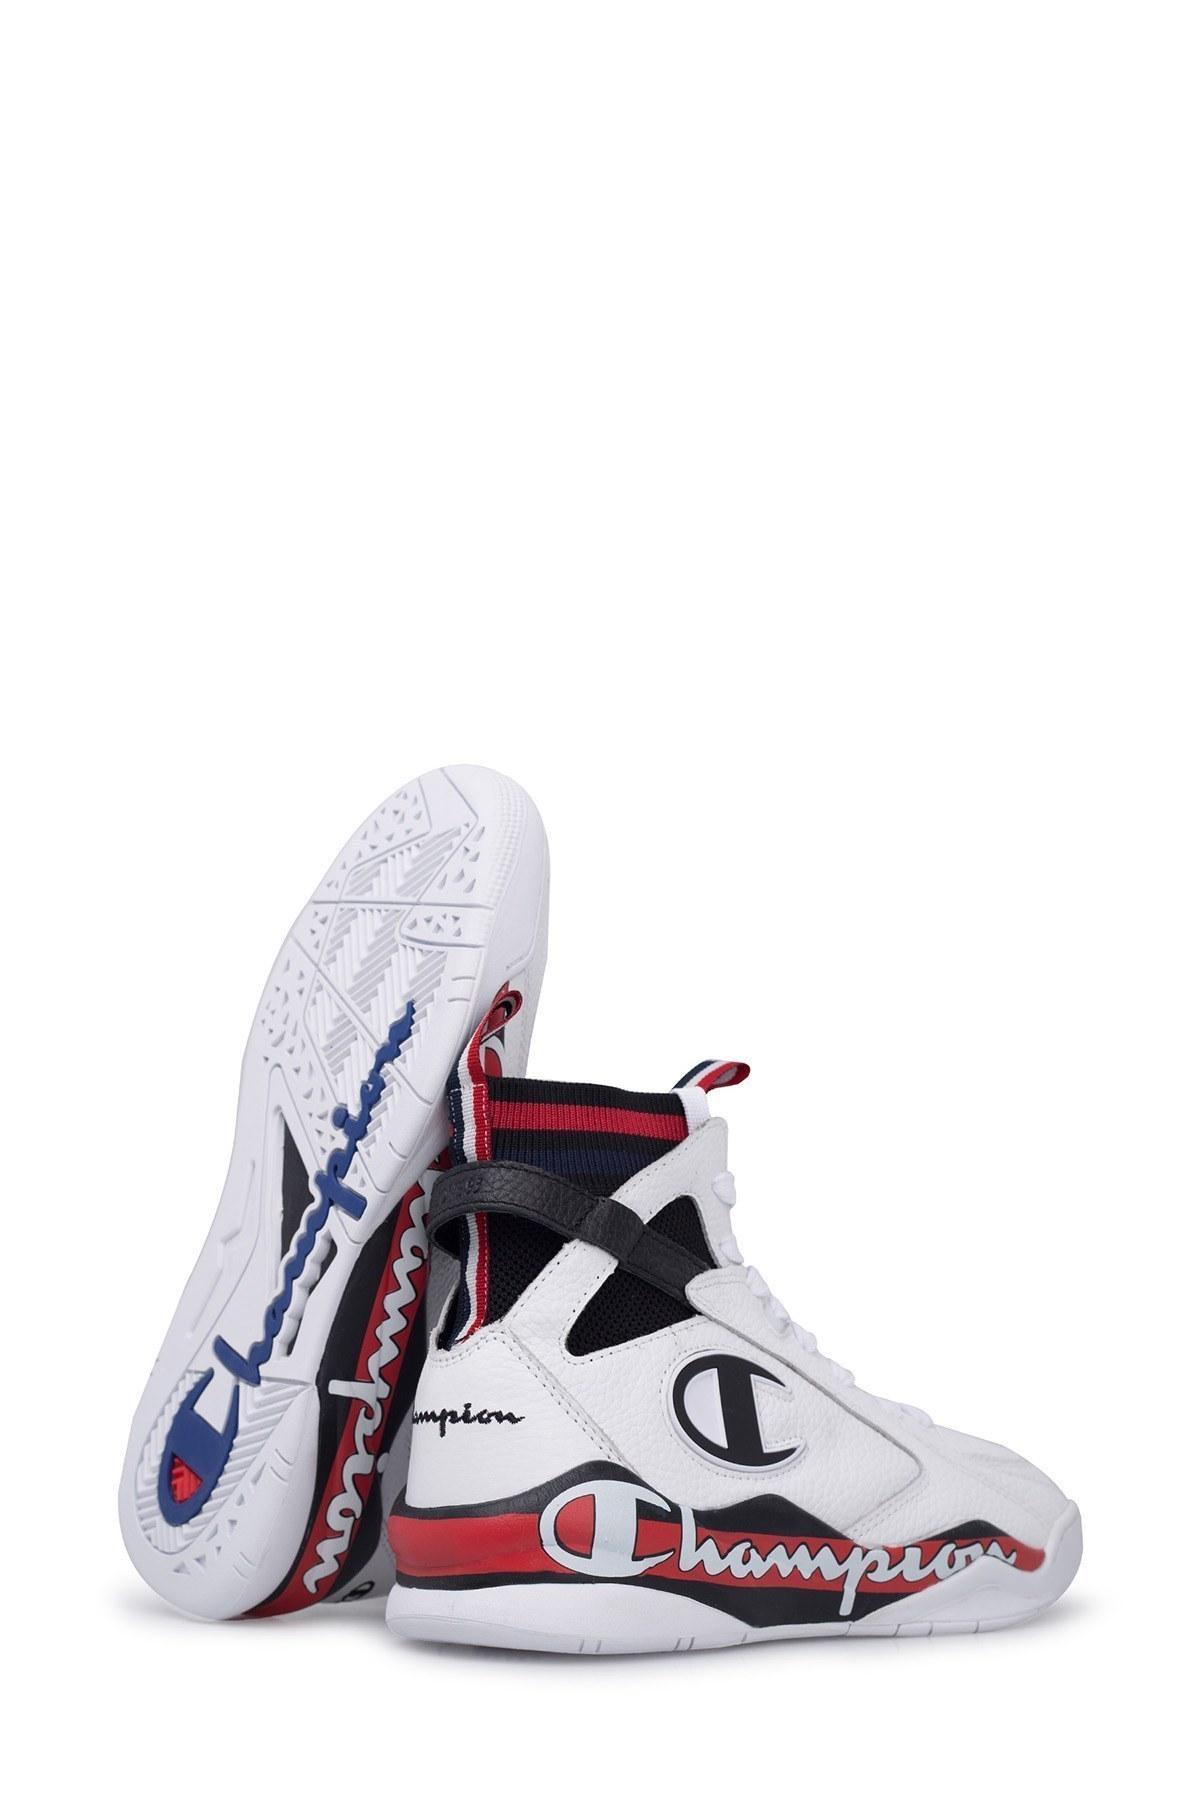 Champion Erkek Ayakkabı S20989 WW001 WHT NBK BEYAZ